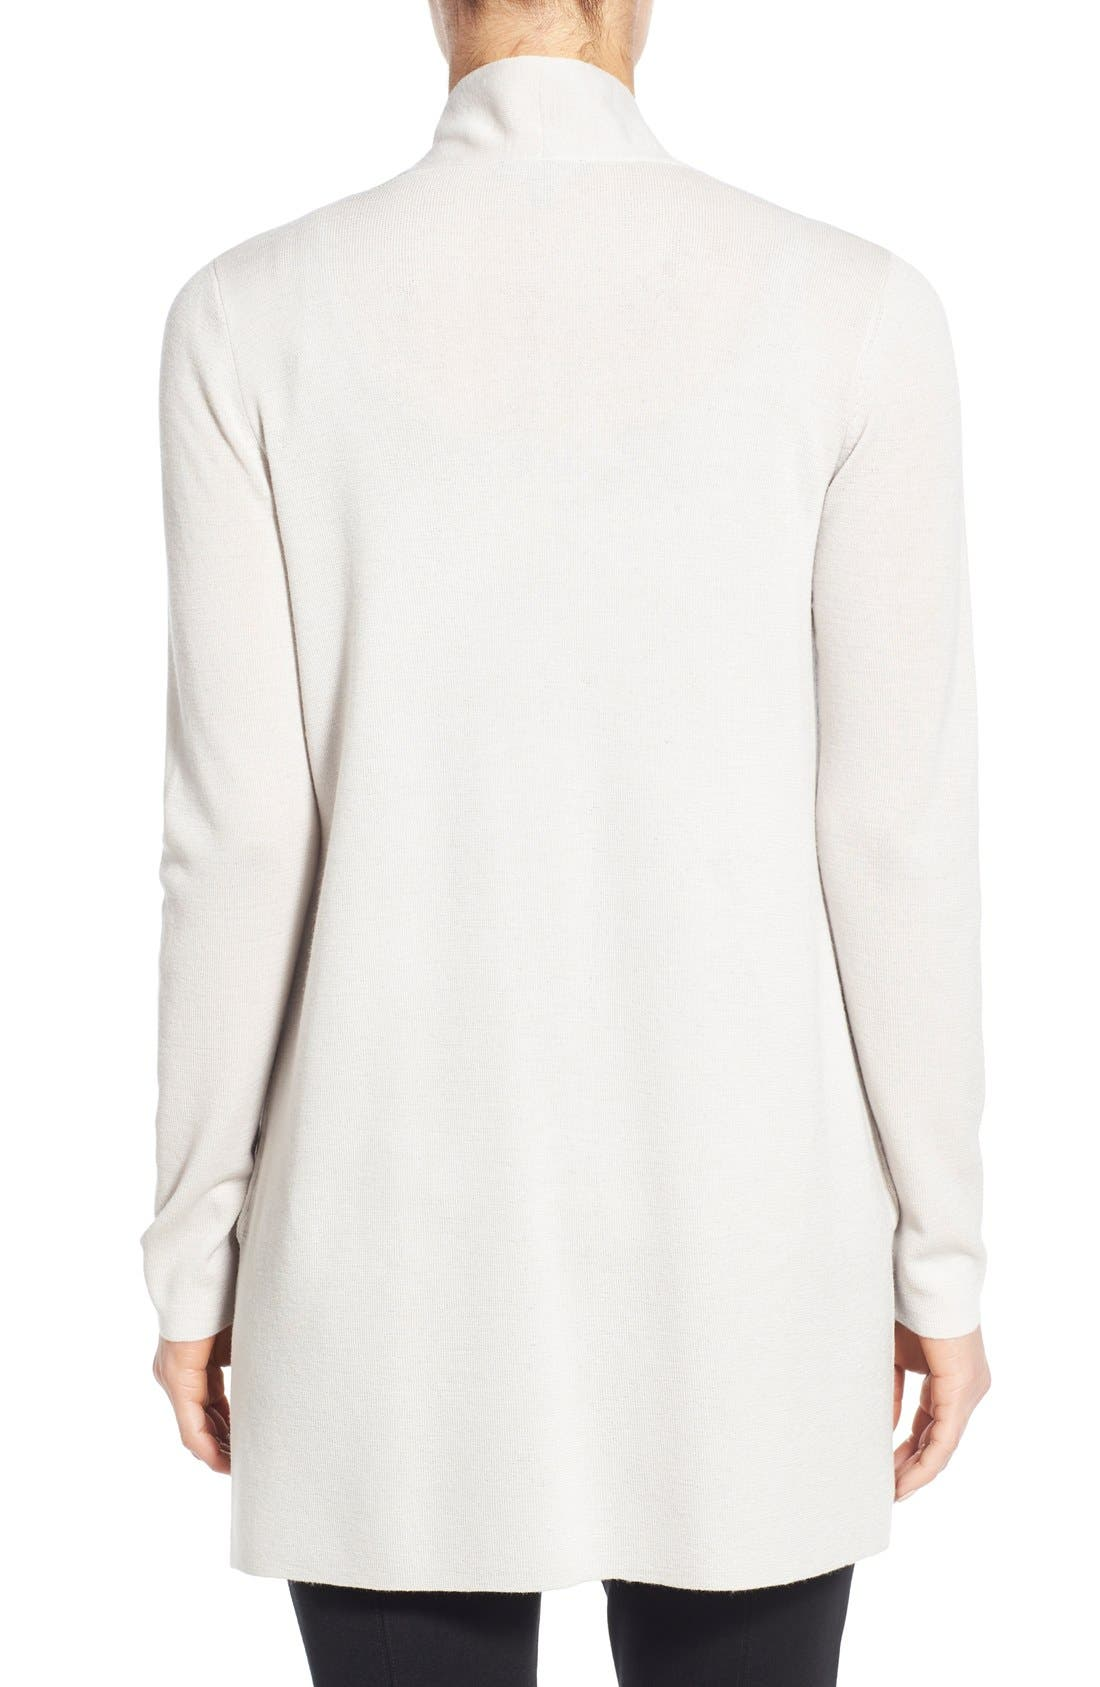 Alternate Image 2  - Eileen Fisher Merino Straight Long Cardigan (Regular & Petite)